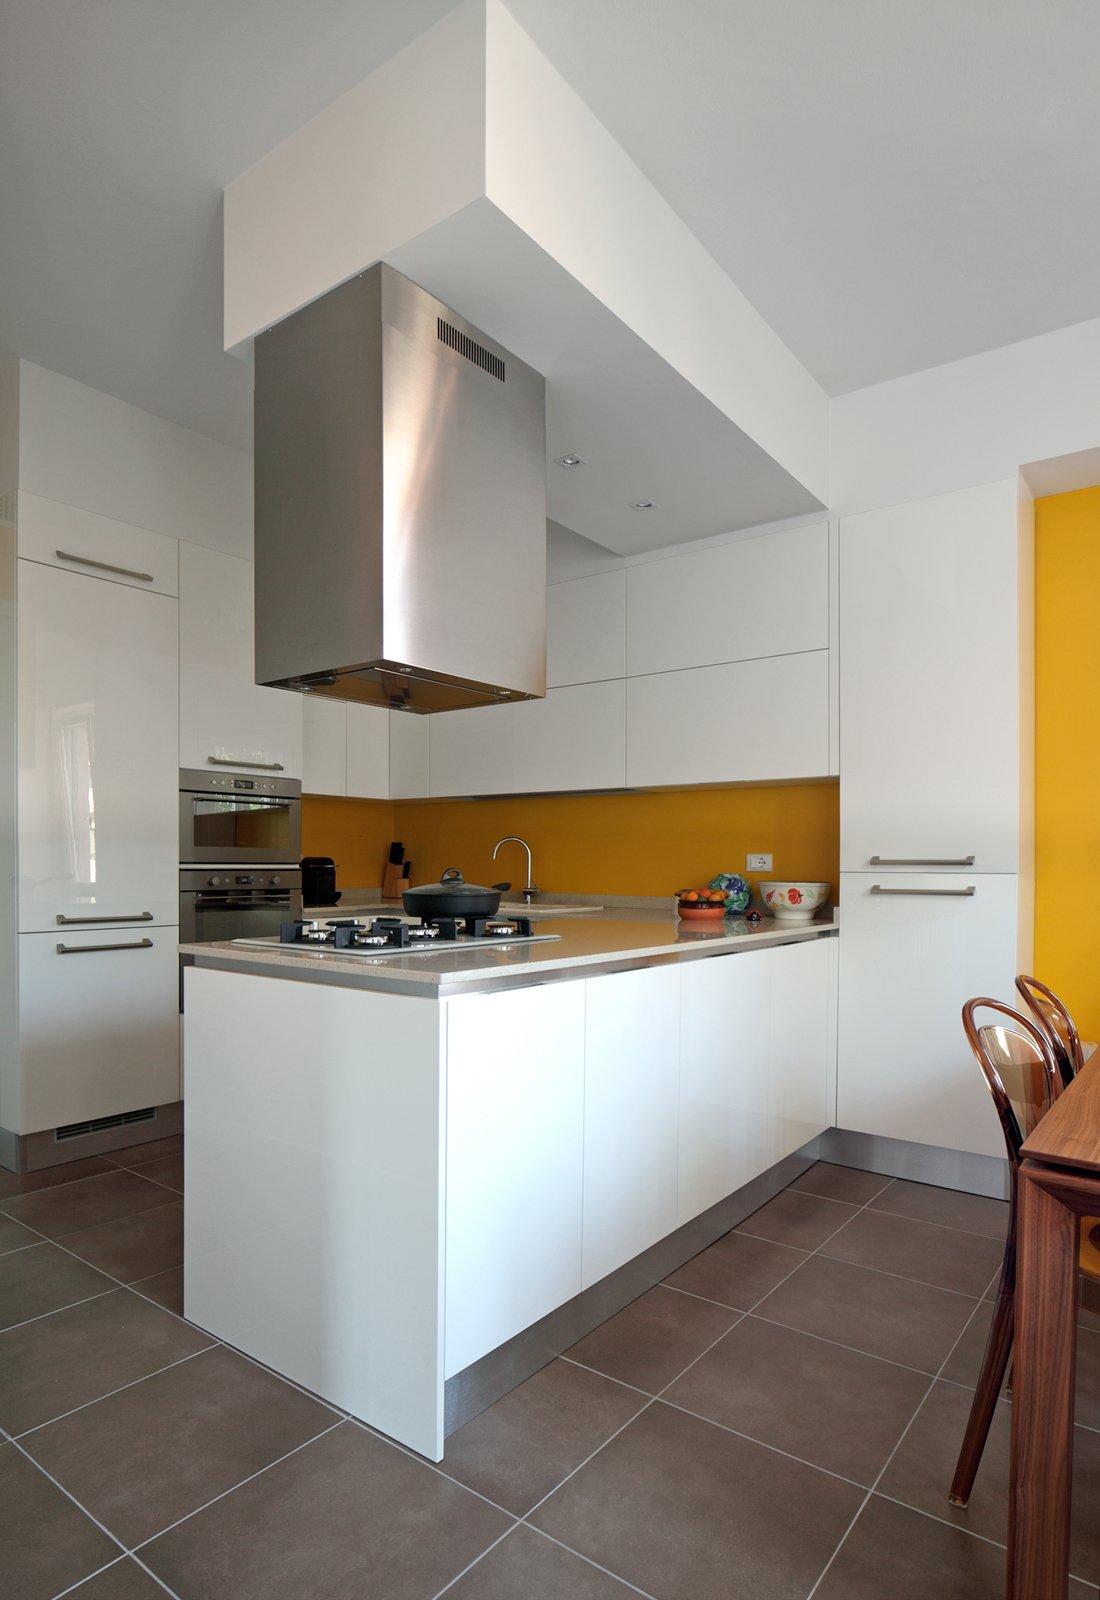 idee da copiare per migliorare la casa - cose di casa - Idee Ristrutturare Casa